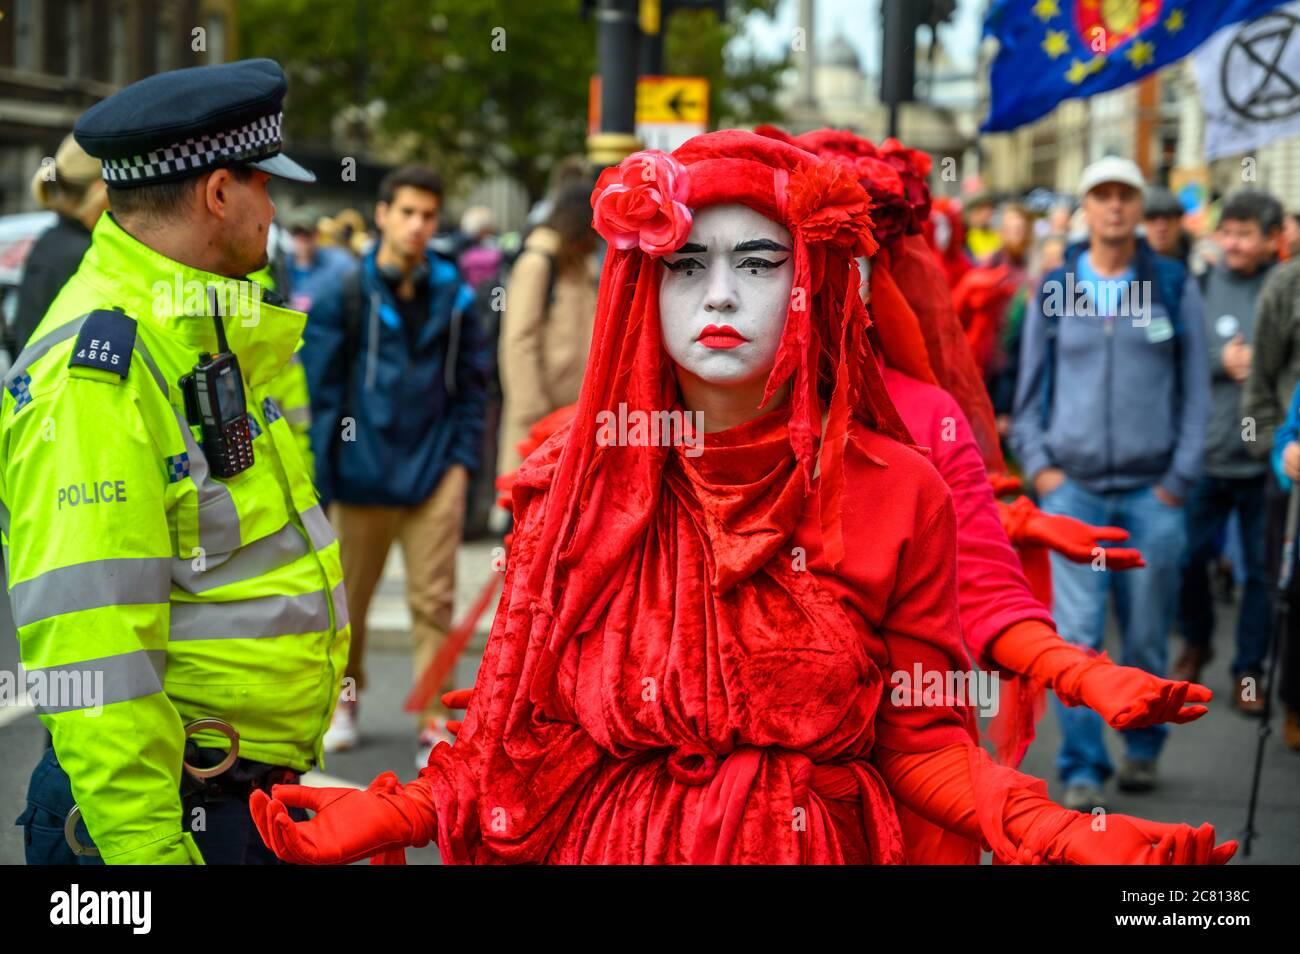 LONDRA - 18 OTTOBRE 2019: Primo piano dei manifestanti della ribellione Rossa della estinzione che hanno superato un ufficiale della polizia metropolitana Foto Stock